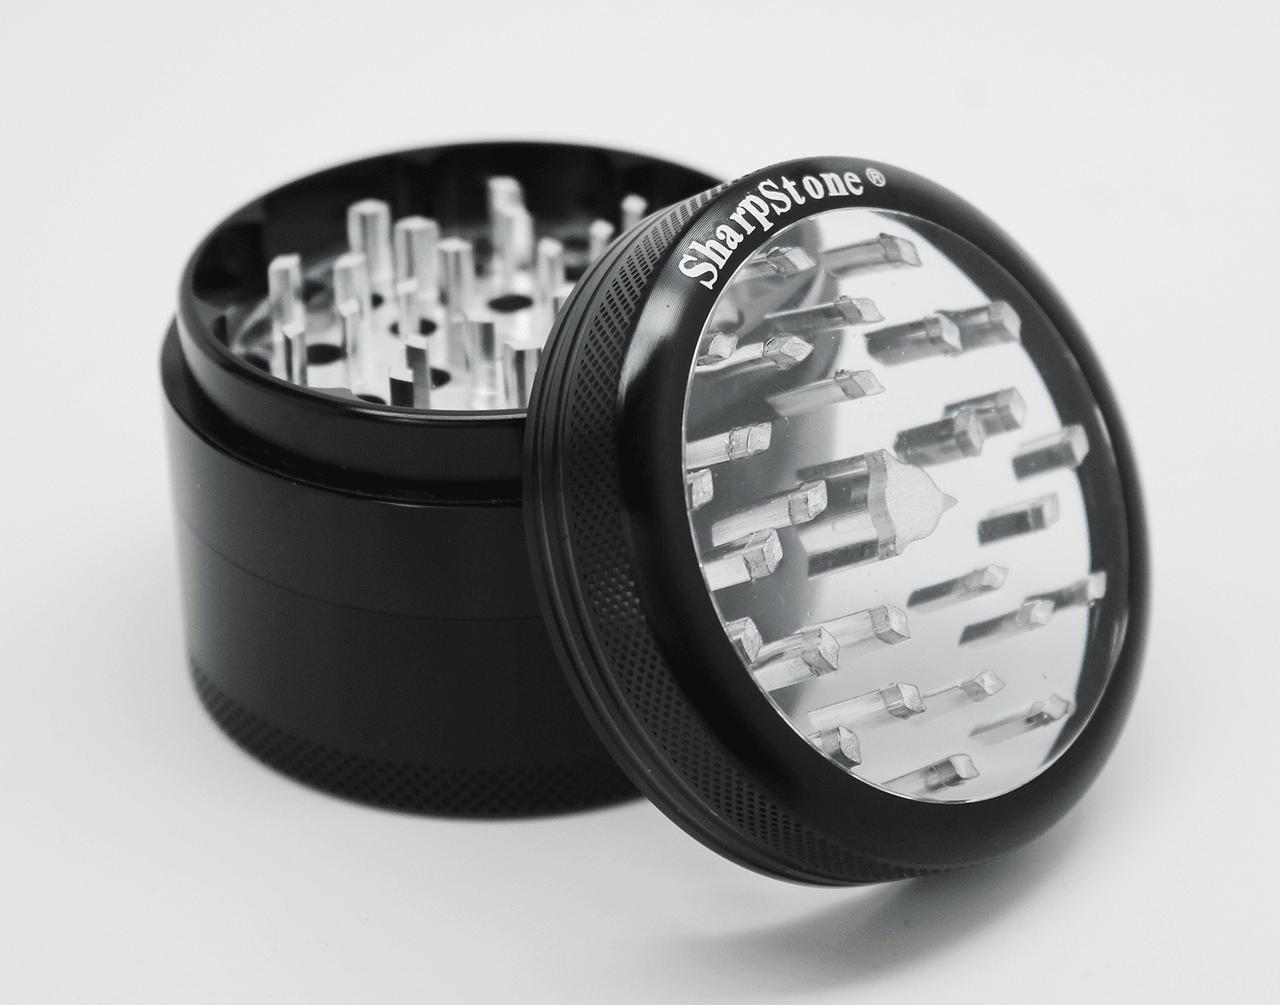 Sharpstone clear top 2-piece herb grinder